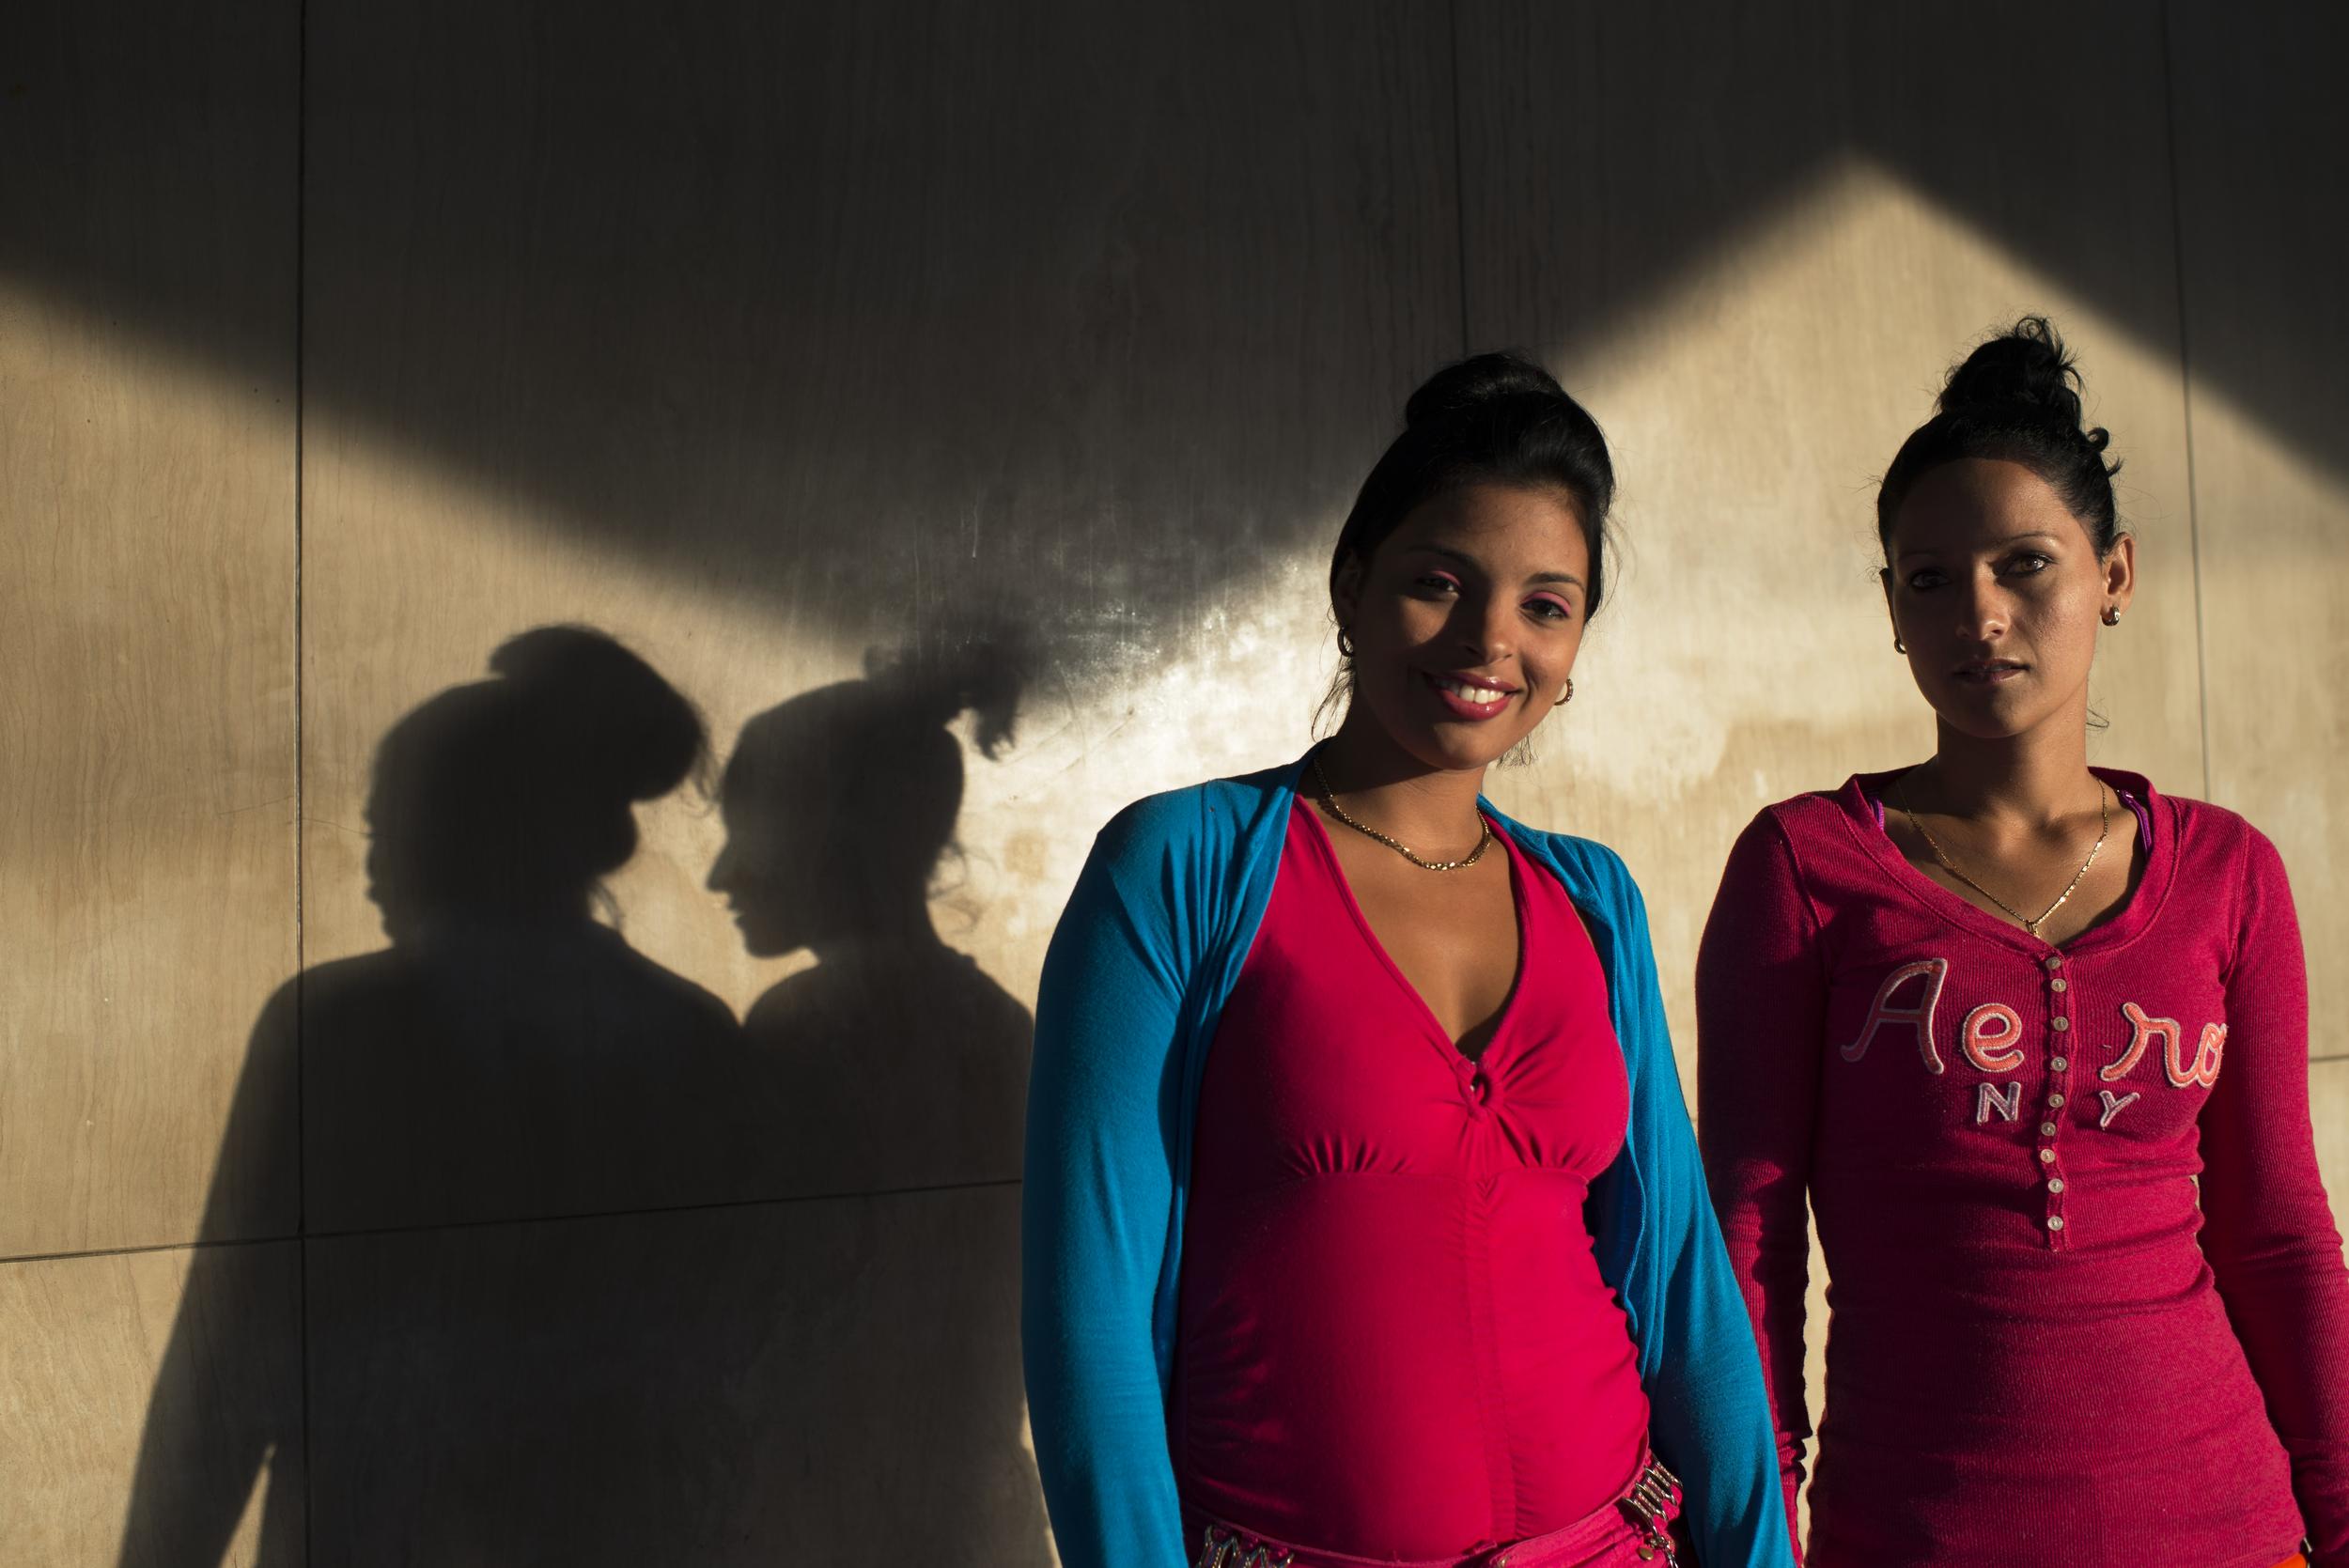 Two women pose for a portrait in Havana, Cuba on Jan. 22, 2016.